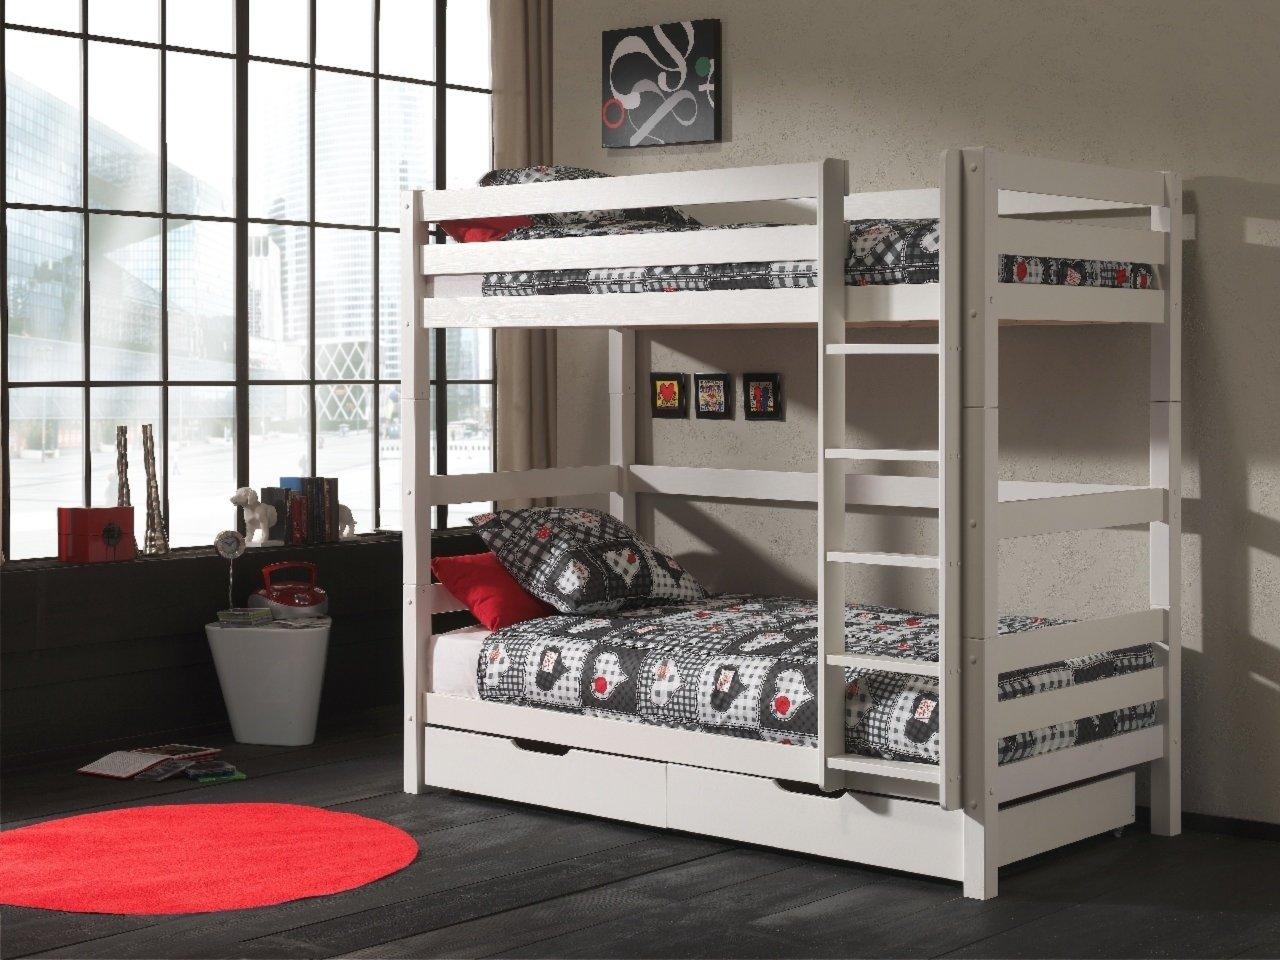 Etagenbett Weiß 90x200 : Kinder hochbett in weiss mit schubladen und viel stauraum